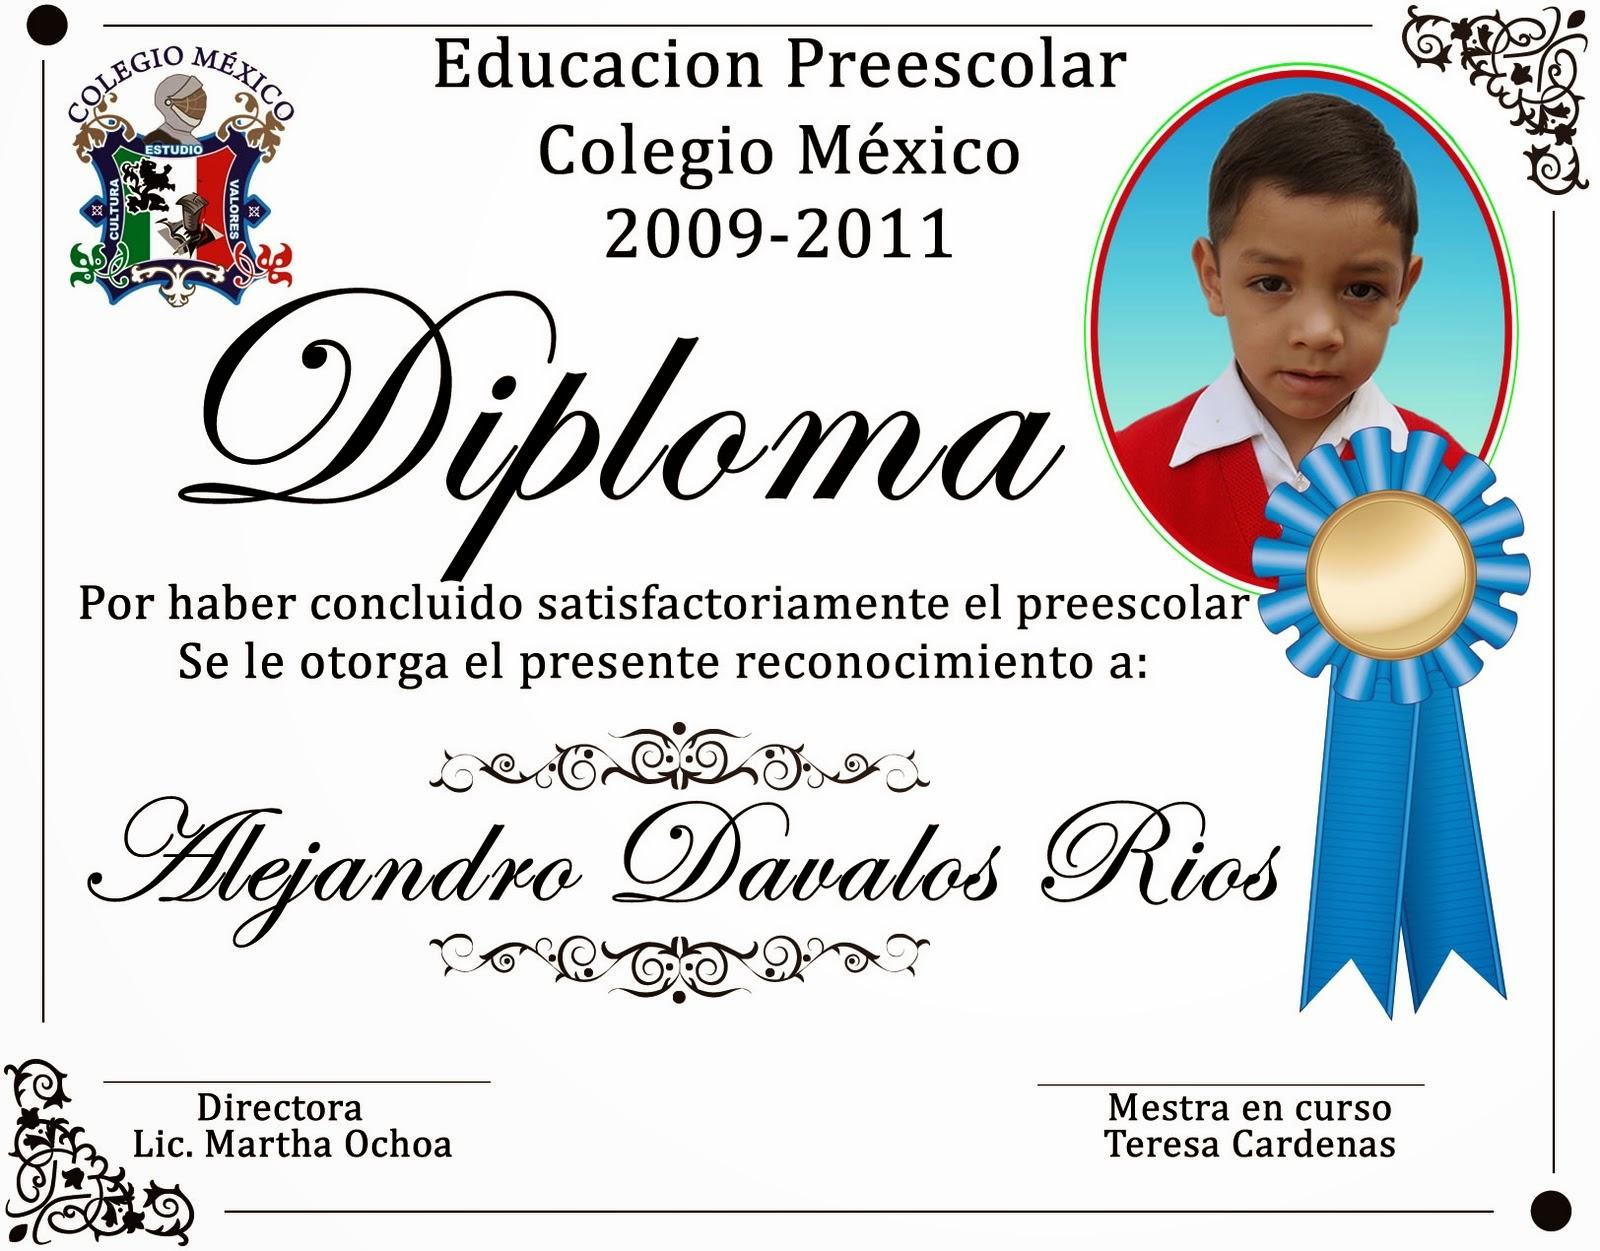 Plantillas De Tarjetas De Graduacion En Publisher | MEJOR CONJUNTO DE